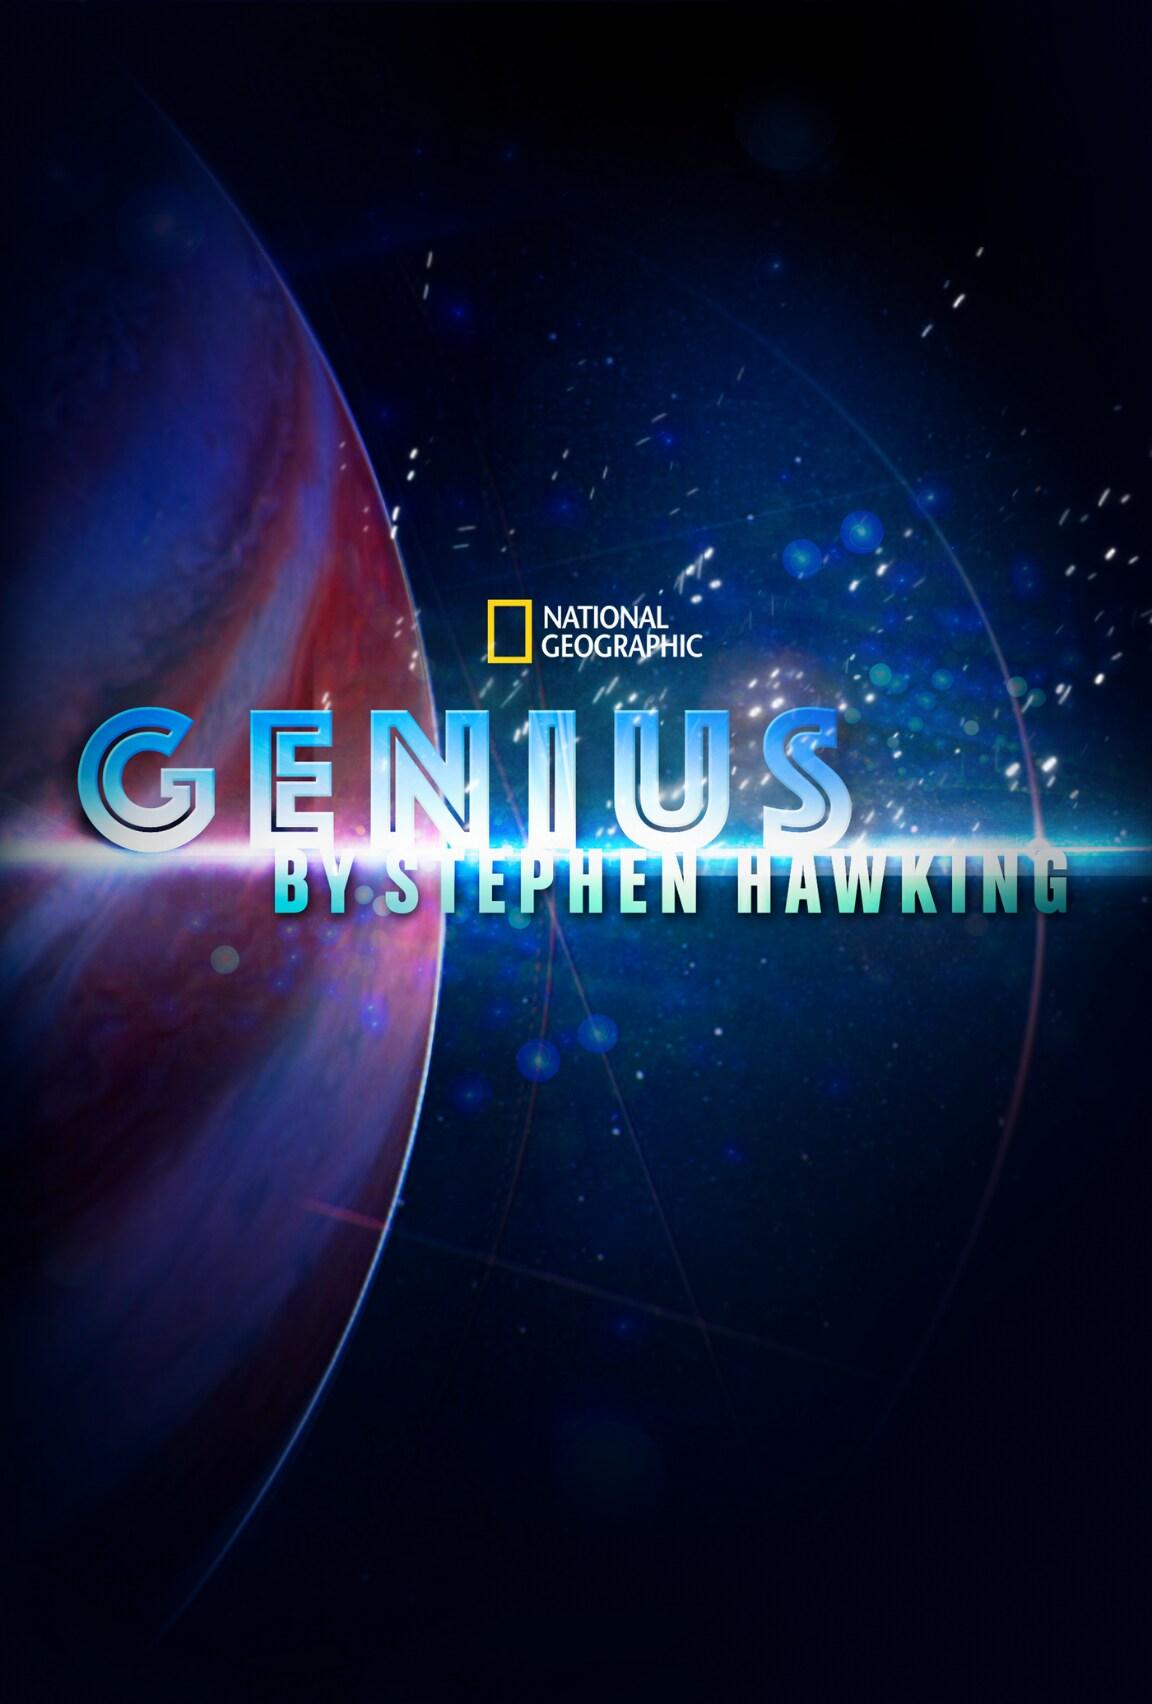 Genius By Stephen Hawkins (2016)